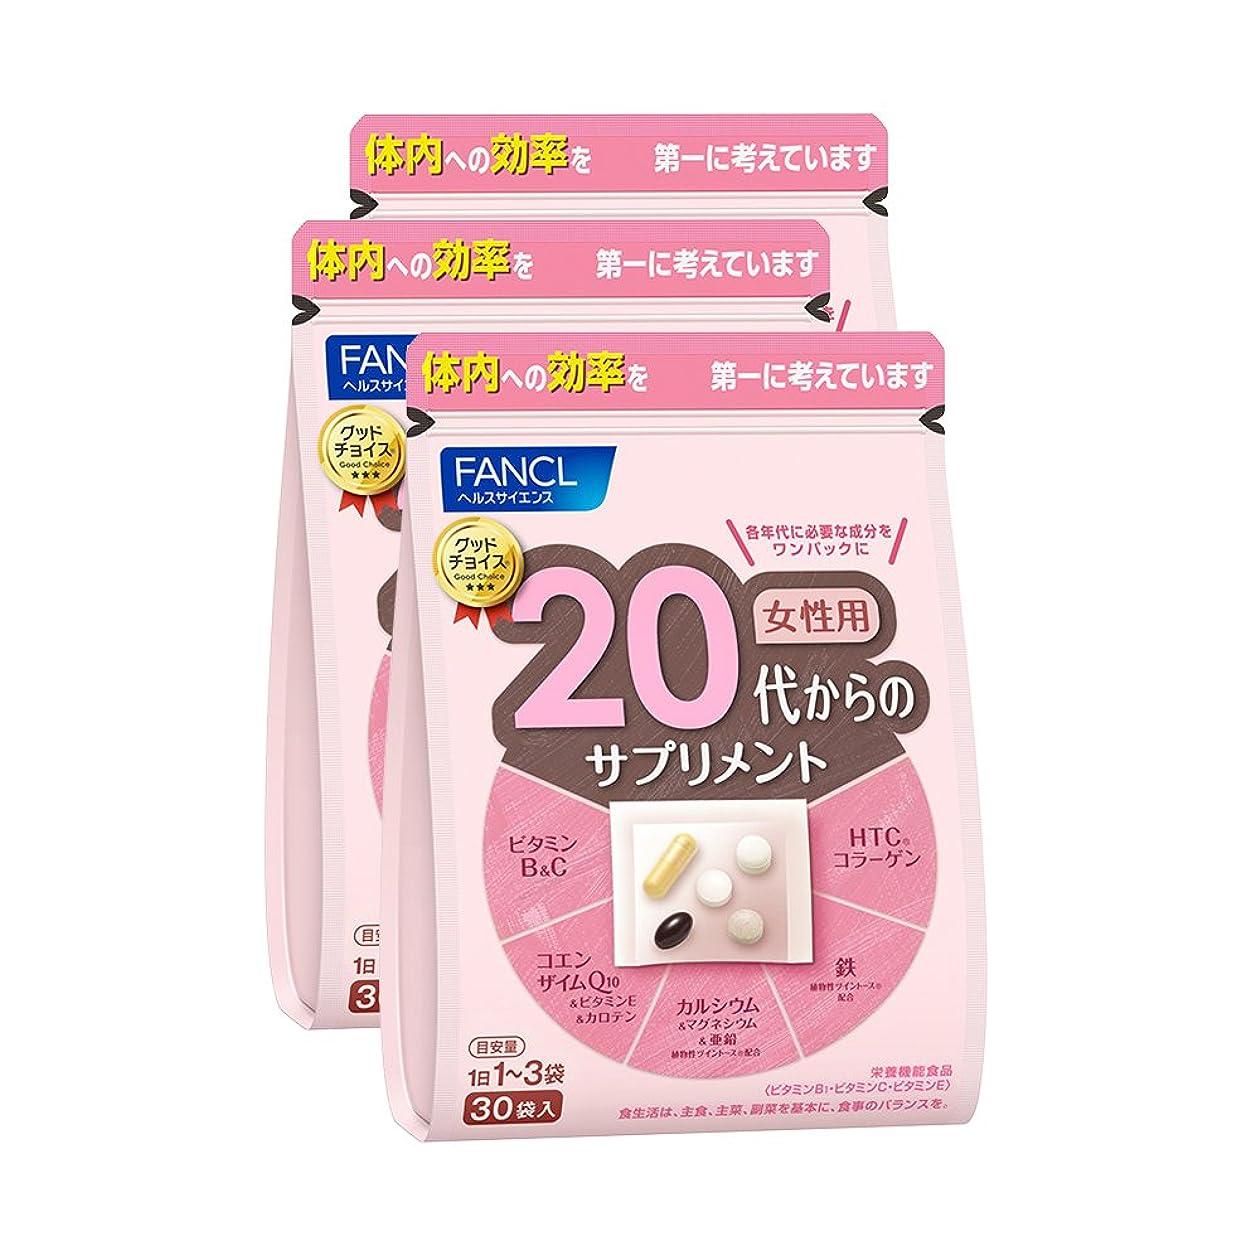 酸化物シーサイドキャンディーファンケル(FANCL) 20代からのサプリメント女性用 徳用3袋セット 5861